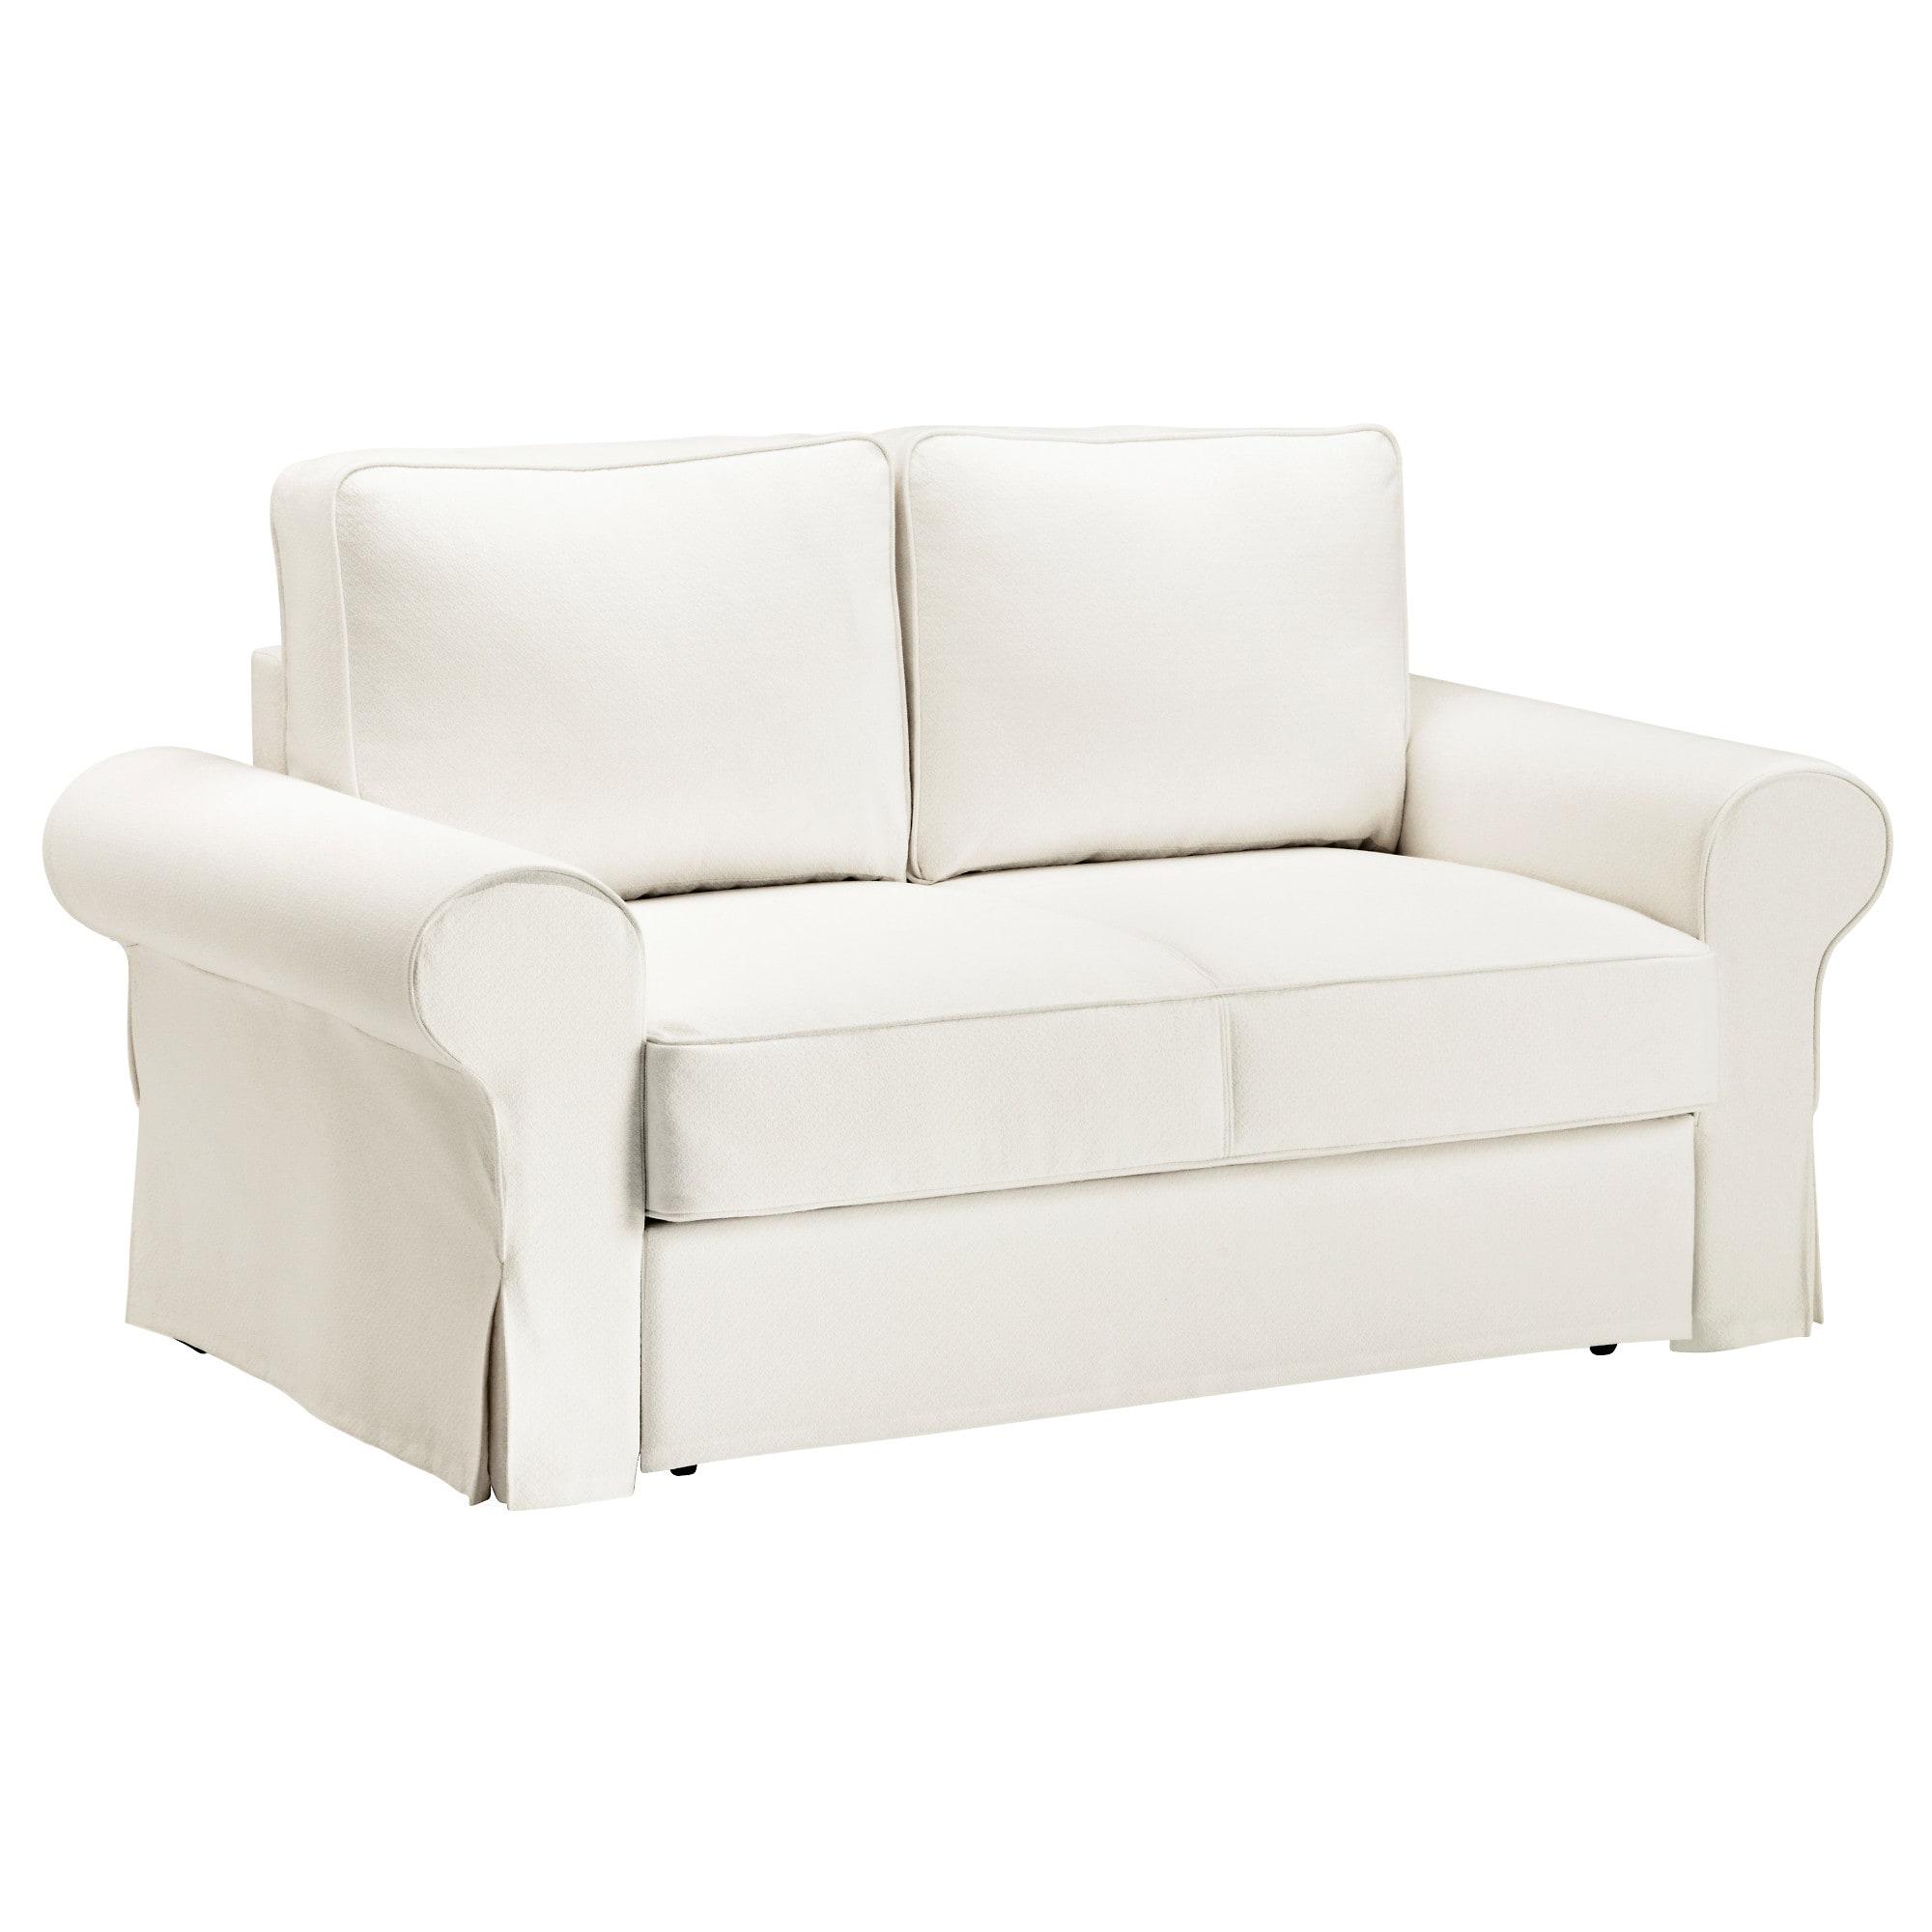 Sofa Cama 2 Plazas Gdd0 Backabro sofà Cama 2 Plazas Hylte Blanco Ikea